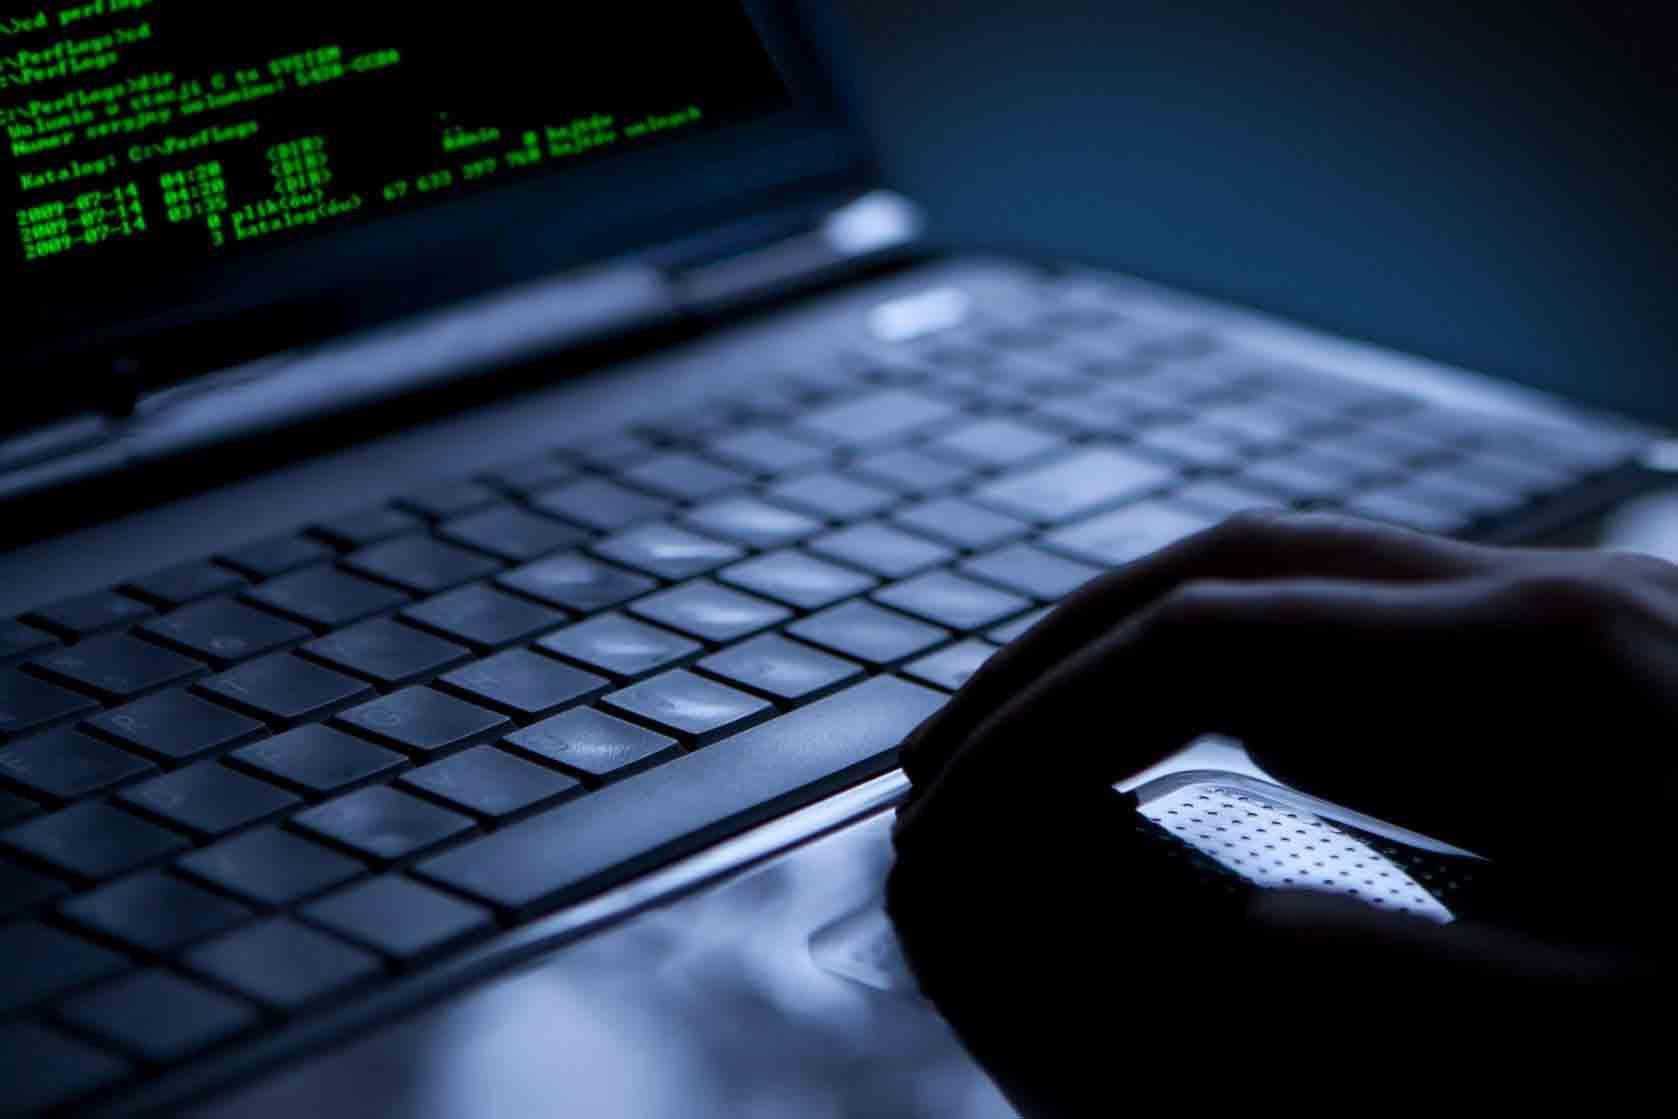 صدور دستور توقف حملات DDoS از جانب ویکی لیکس